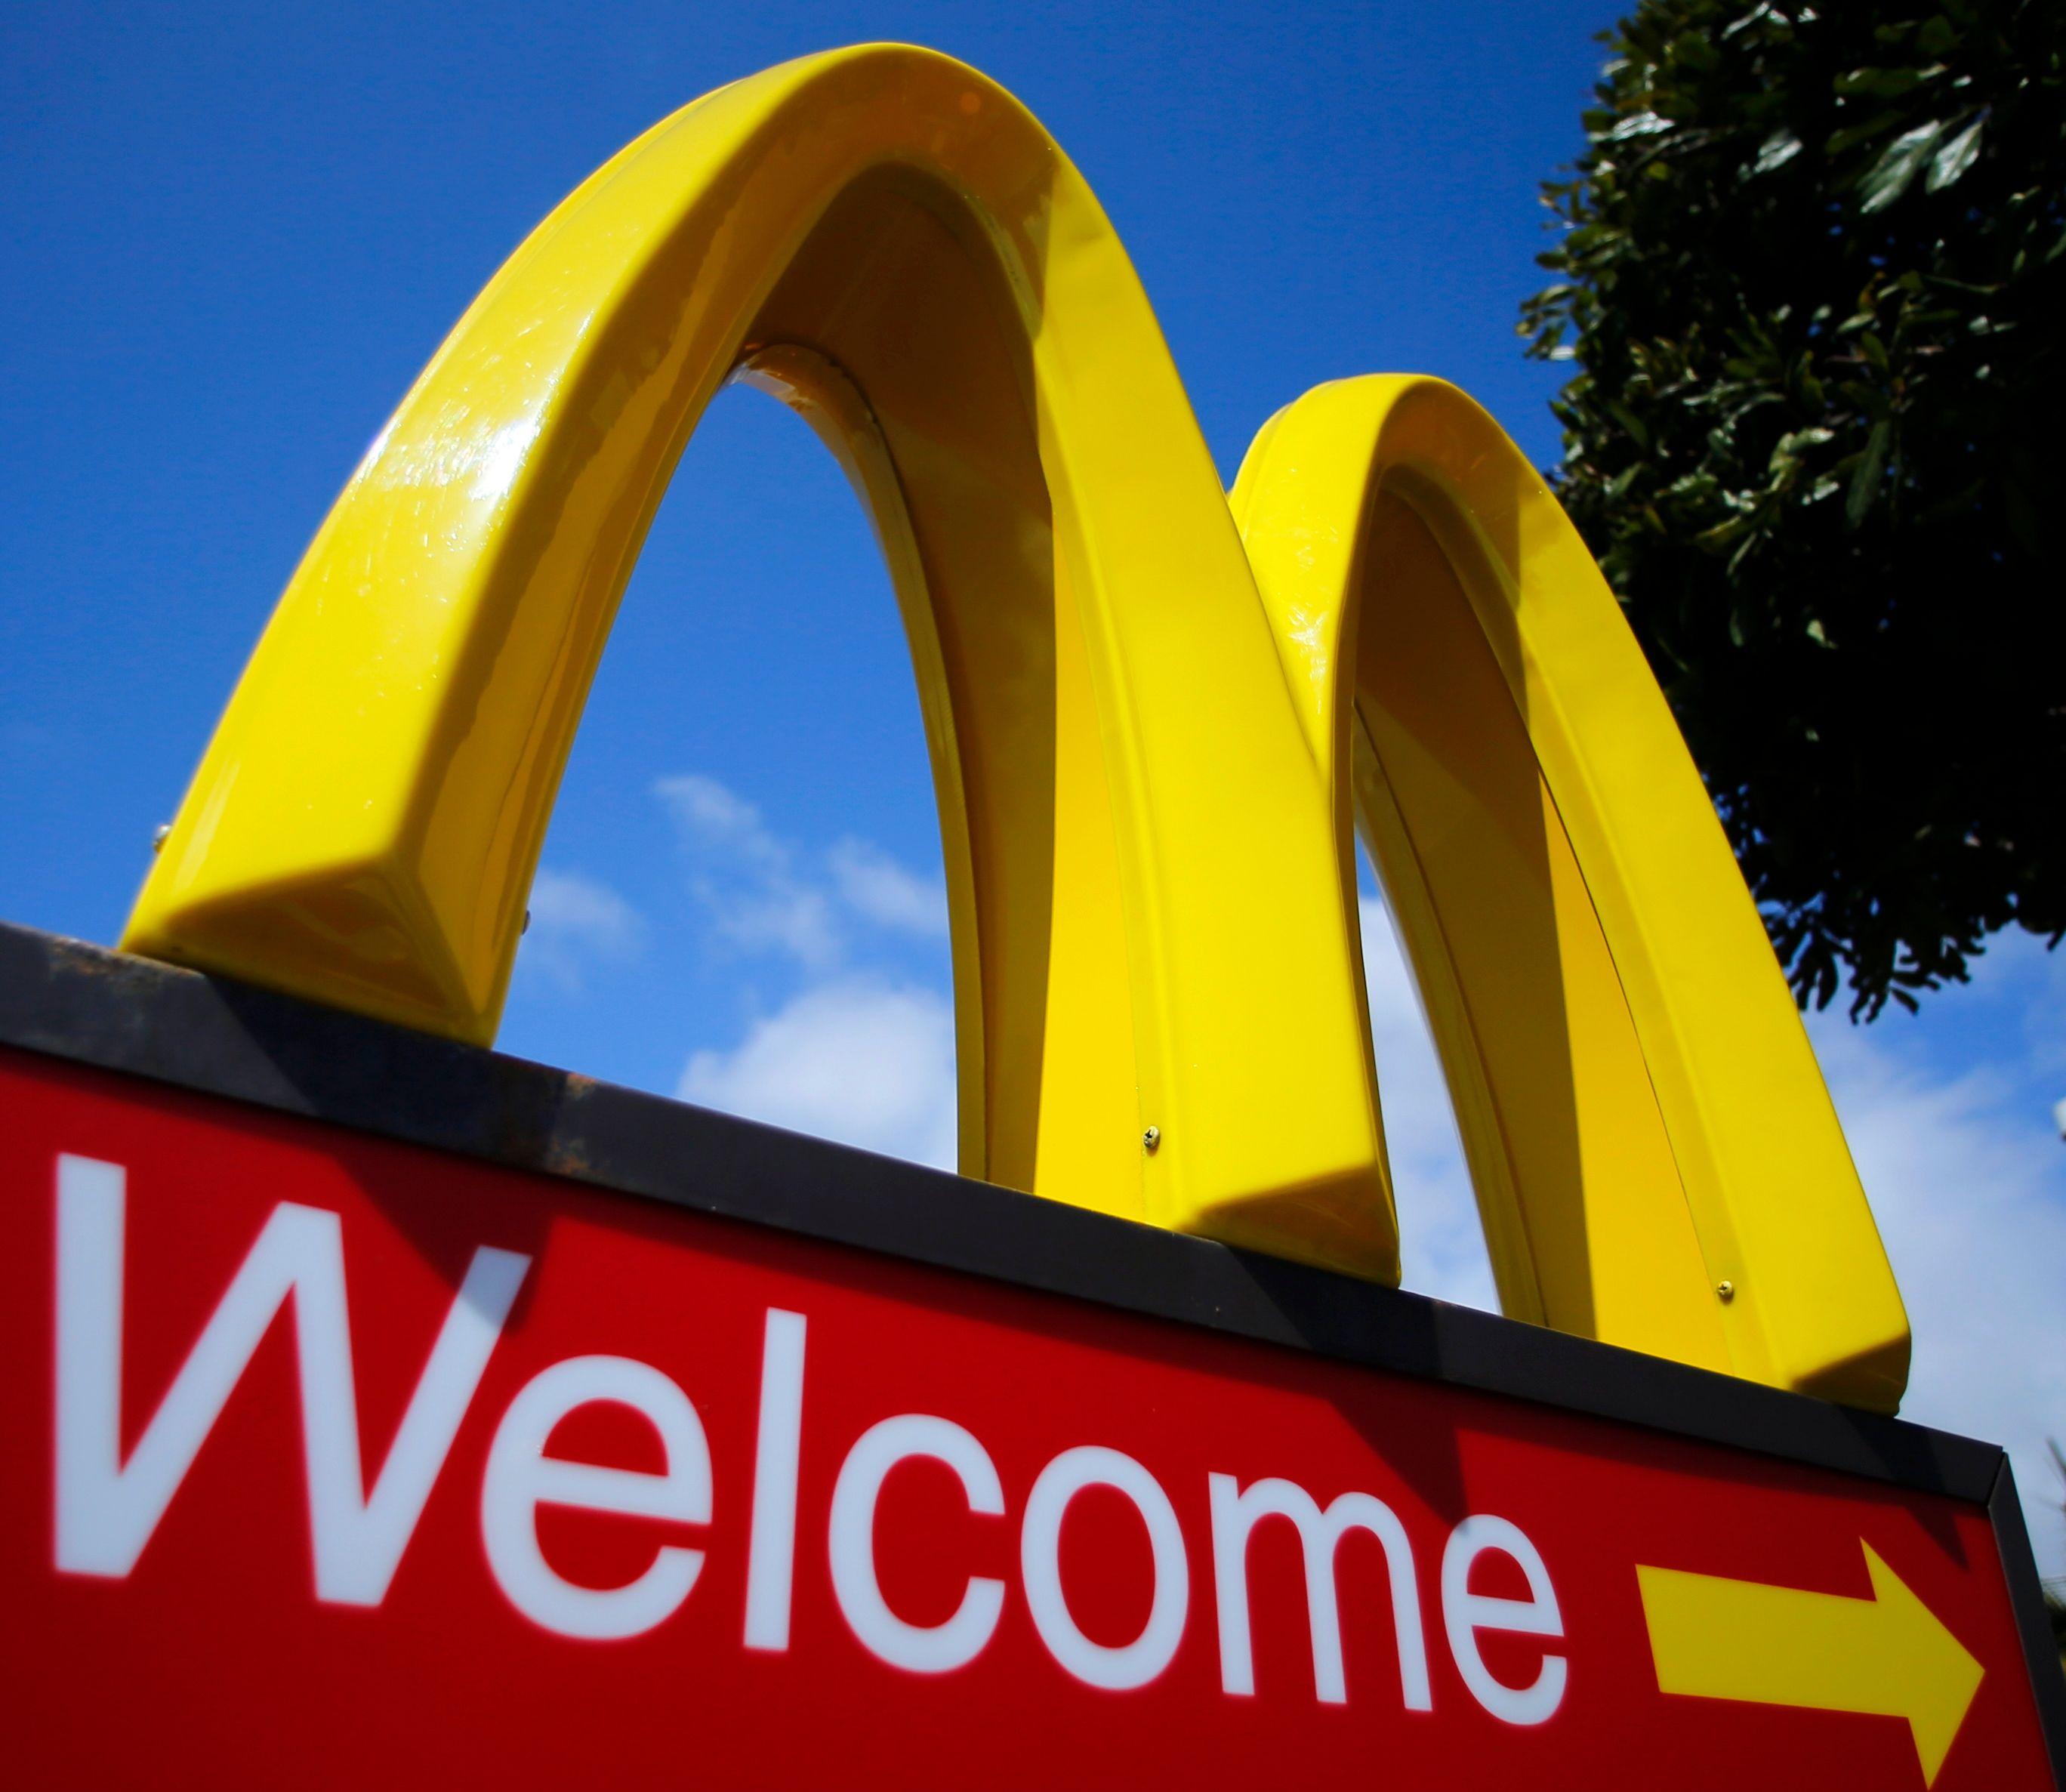 Bercy soupçonne MacDonald's France d'avoir soustrait au fisc français depuis 2009 plus de 2,2 milliards d'euros.